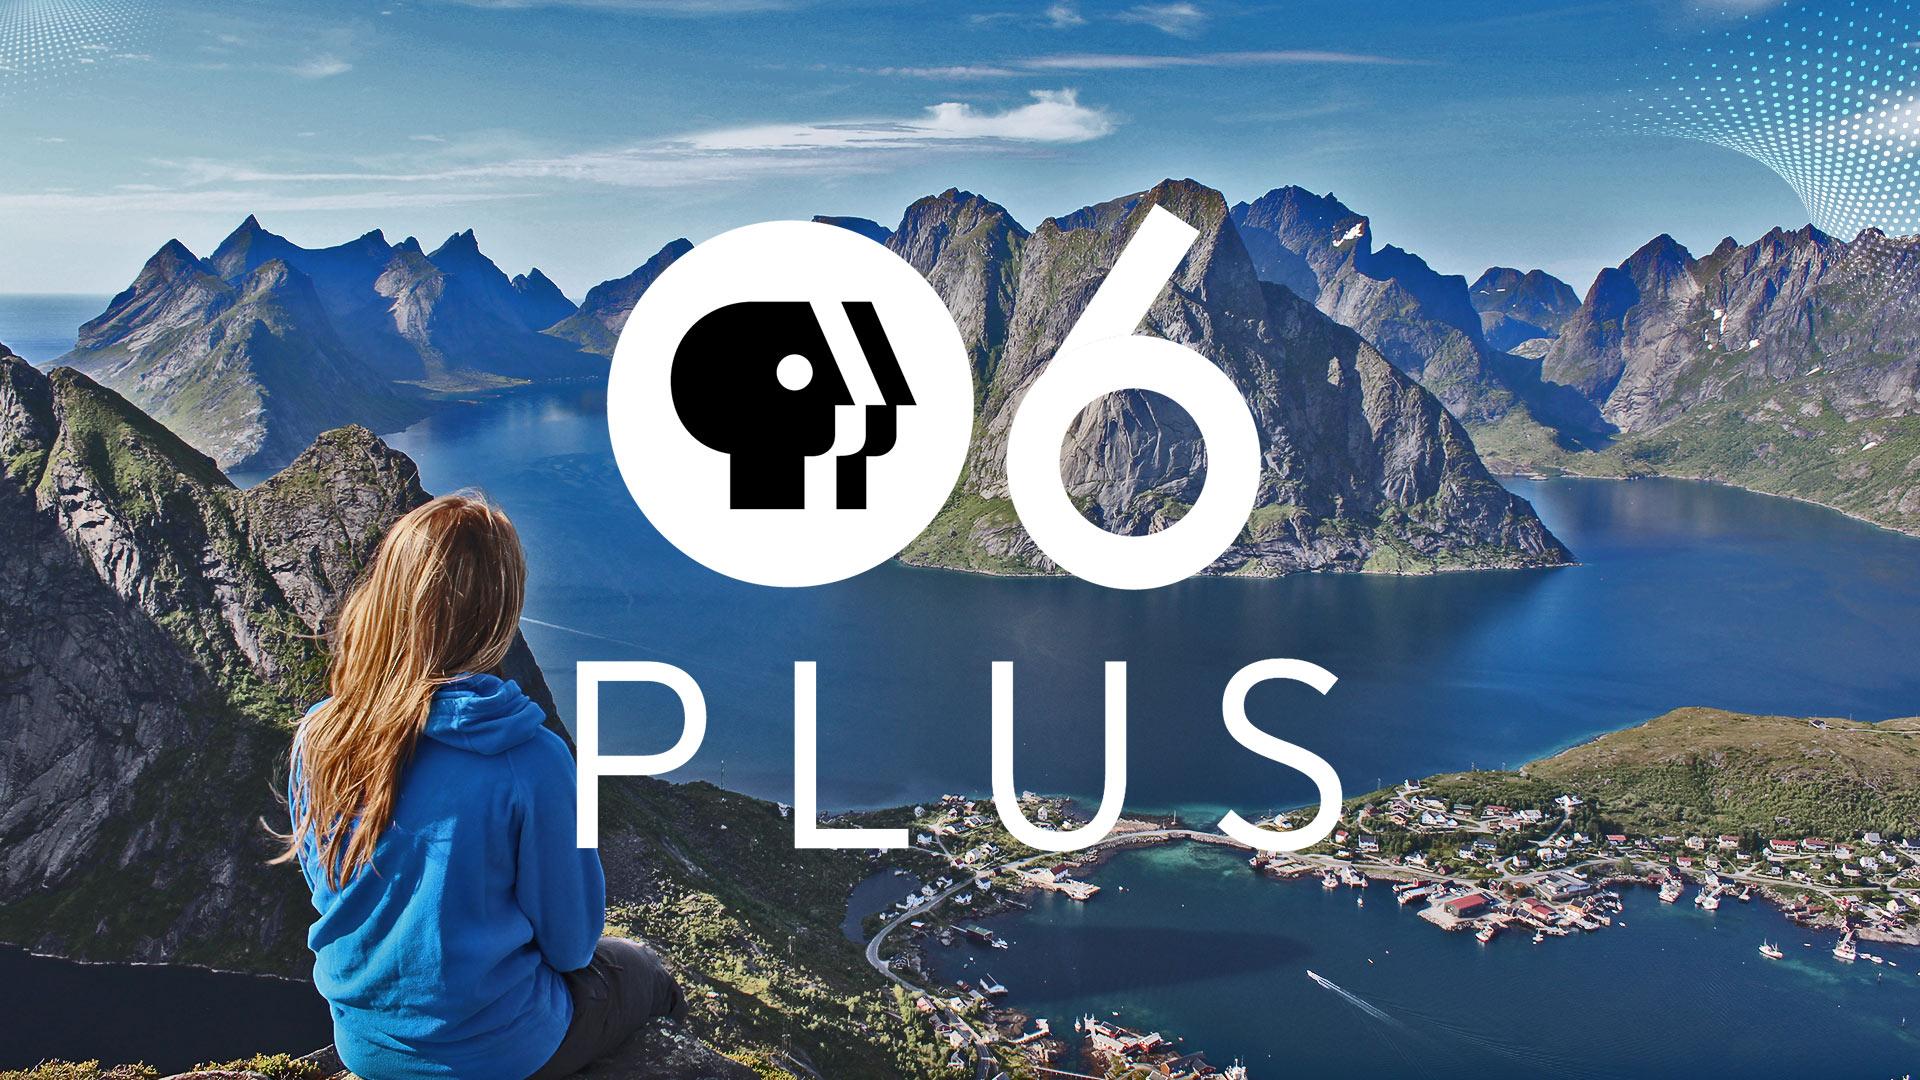 PBS 6 PLUS hero mountain